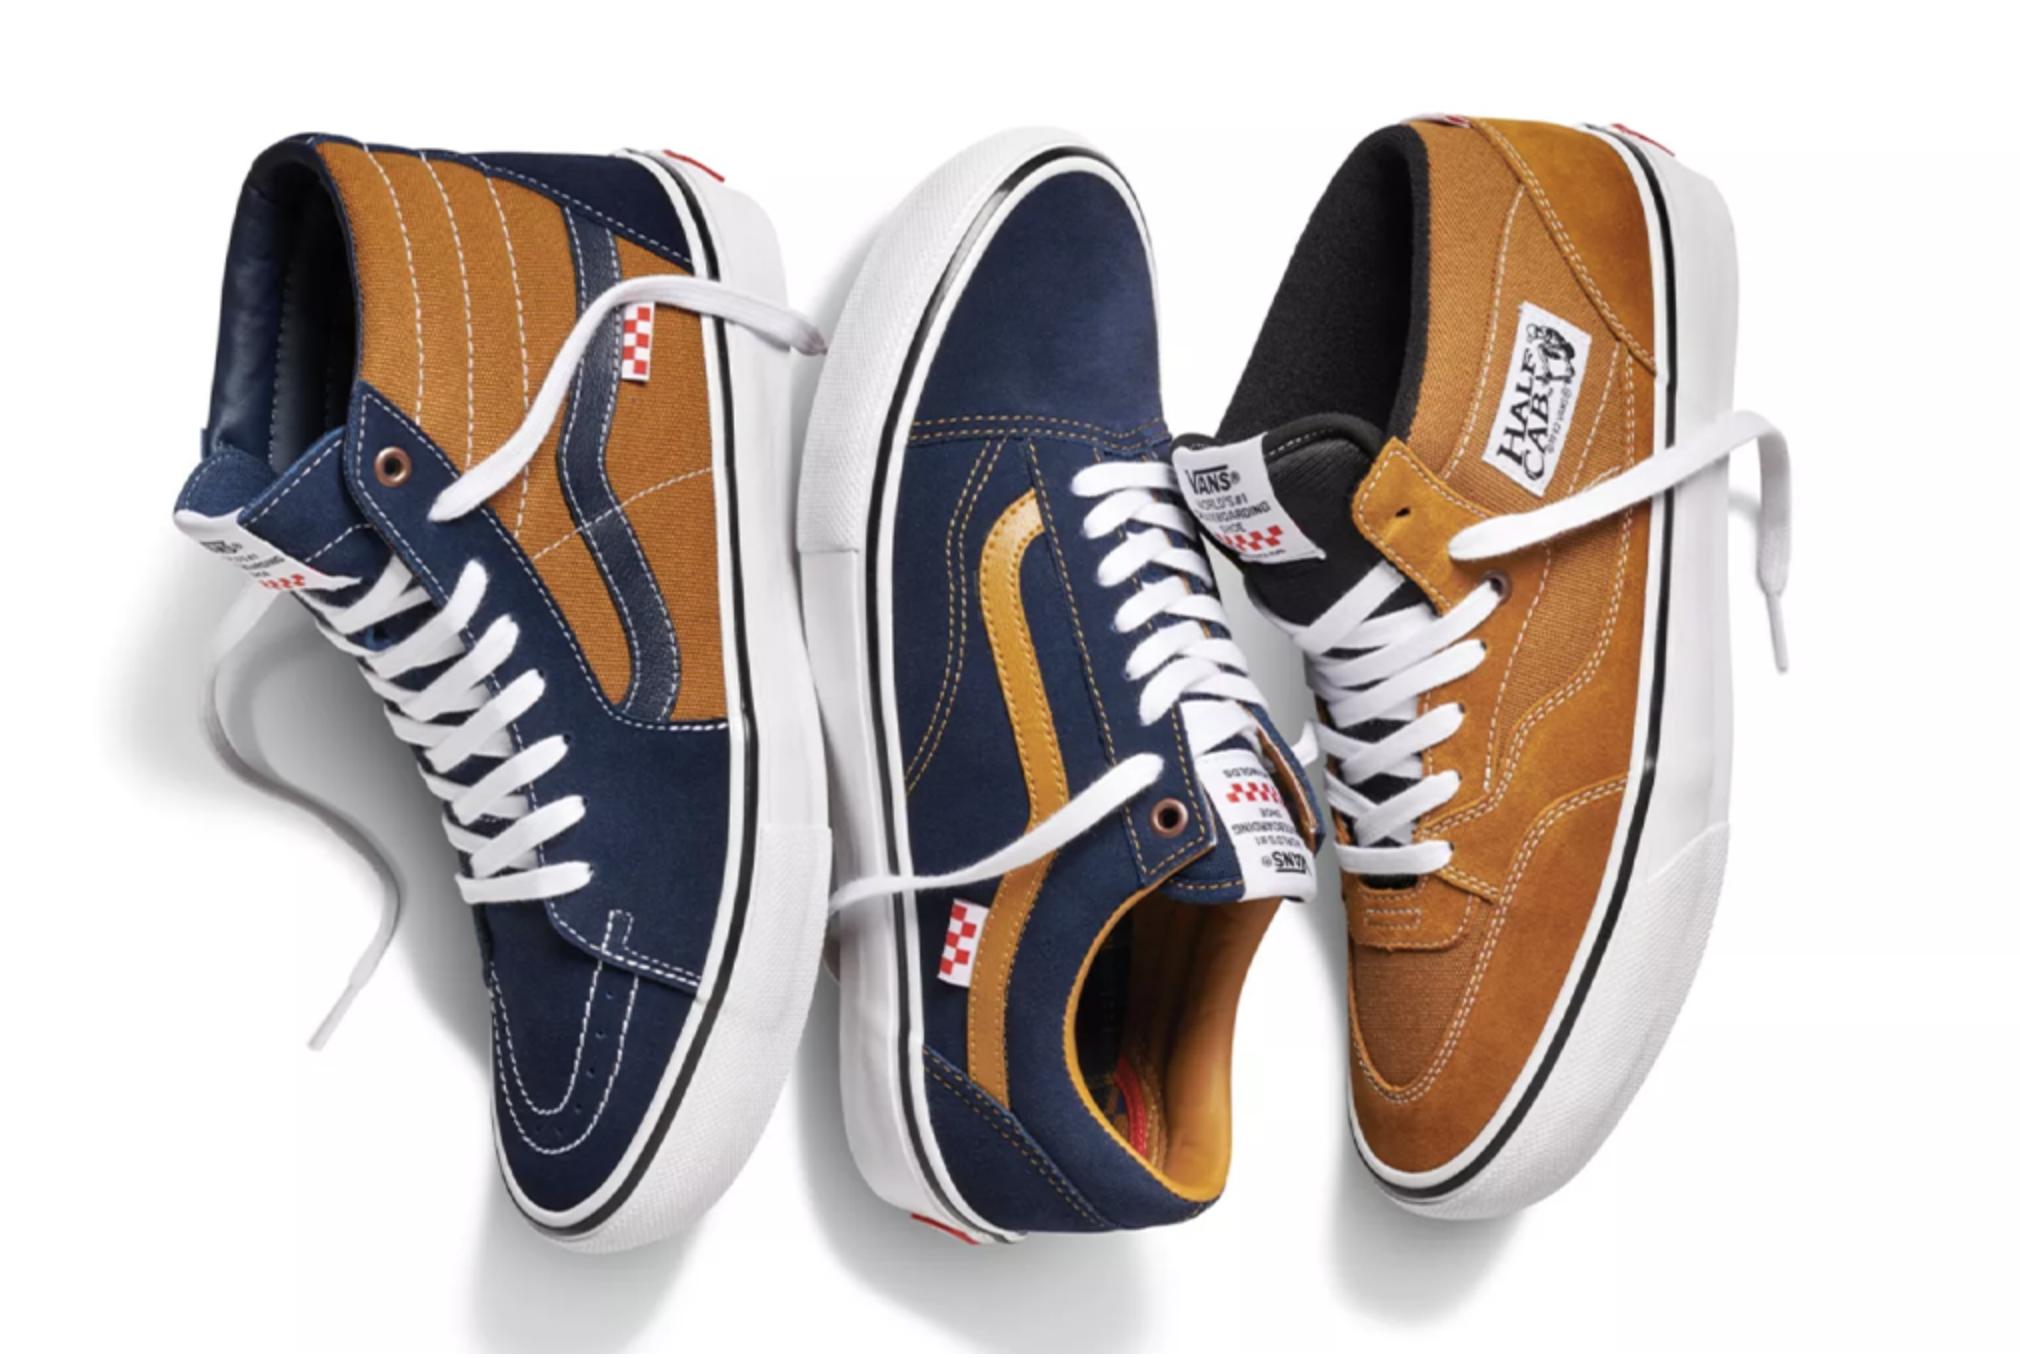 Vans Andrew Reynolds Shoes online canada half cab old skool sk8 hi skate